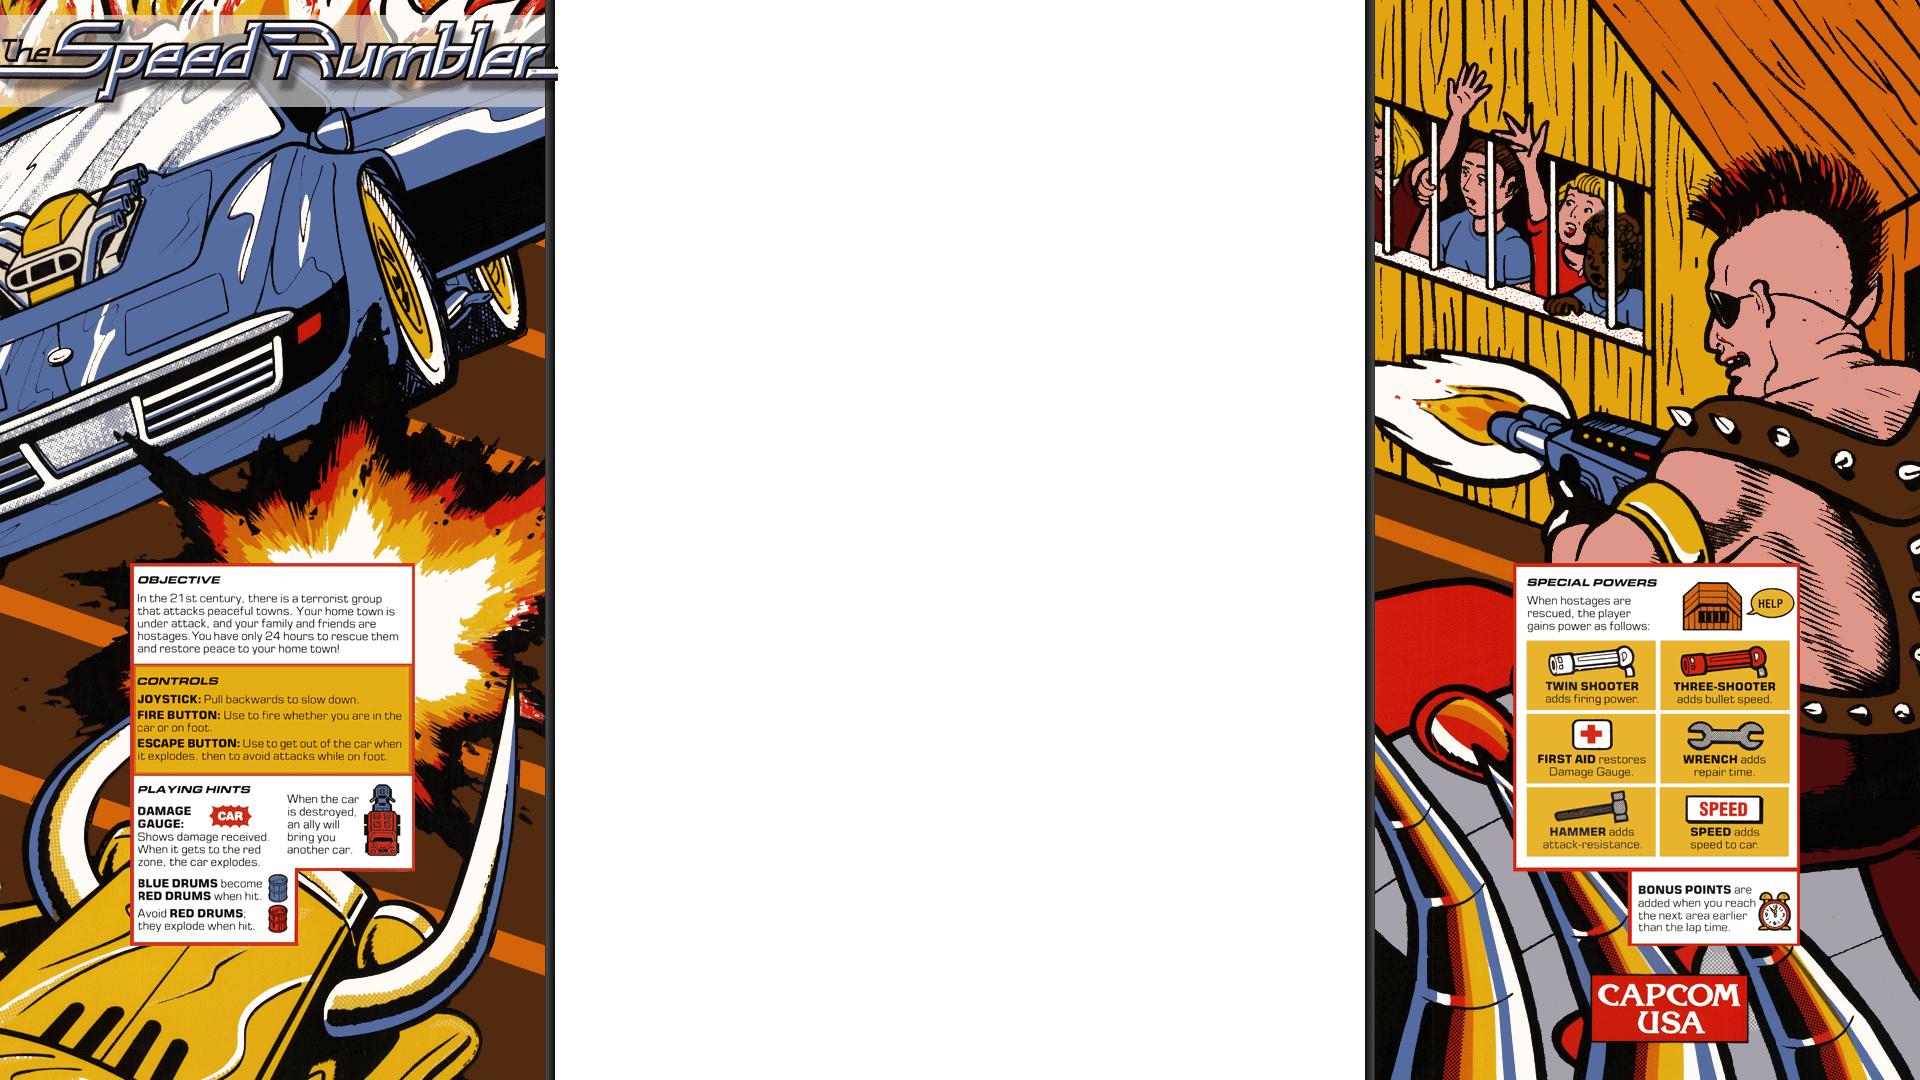 The Speed Rumbler 1080p overlay